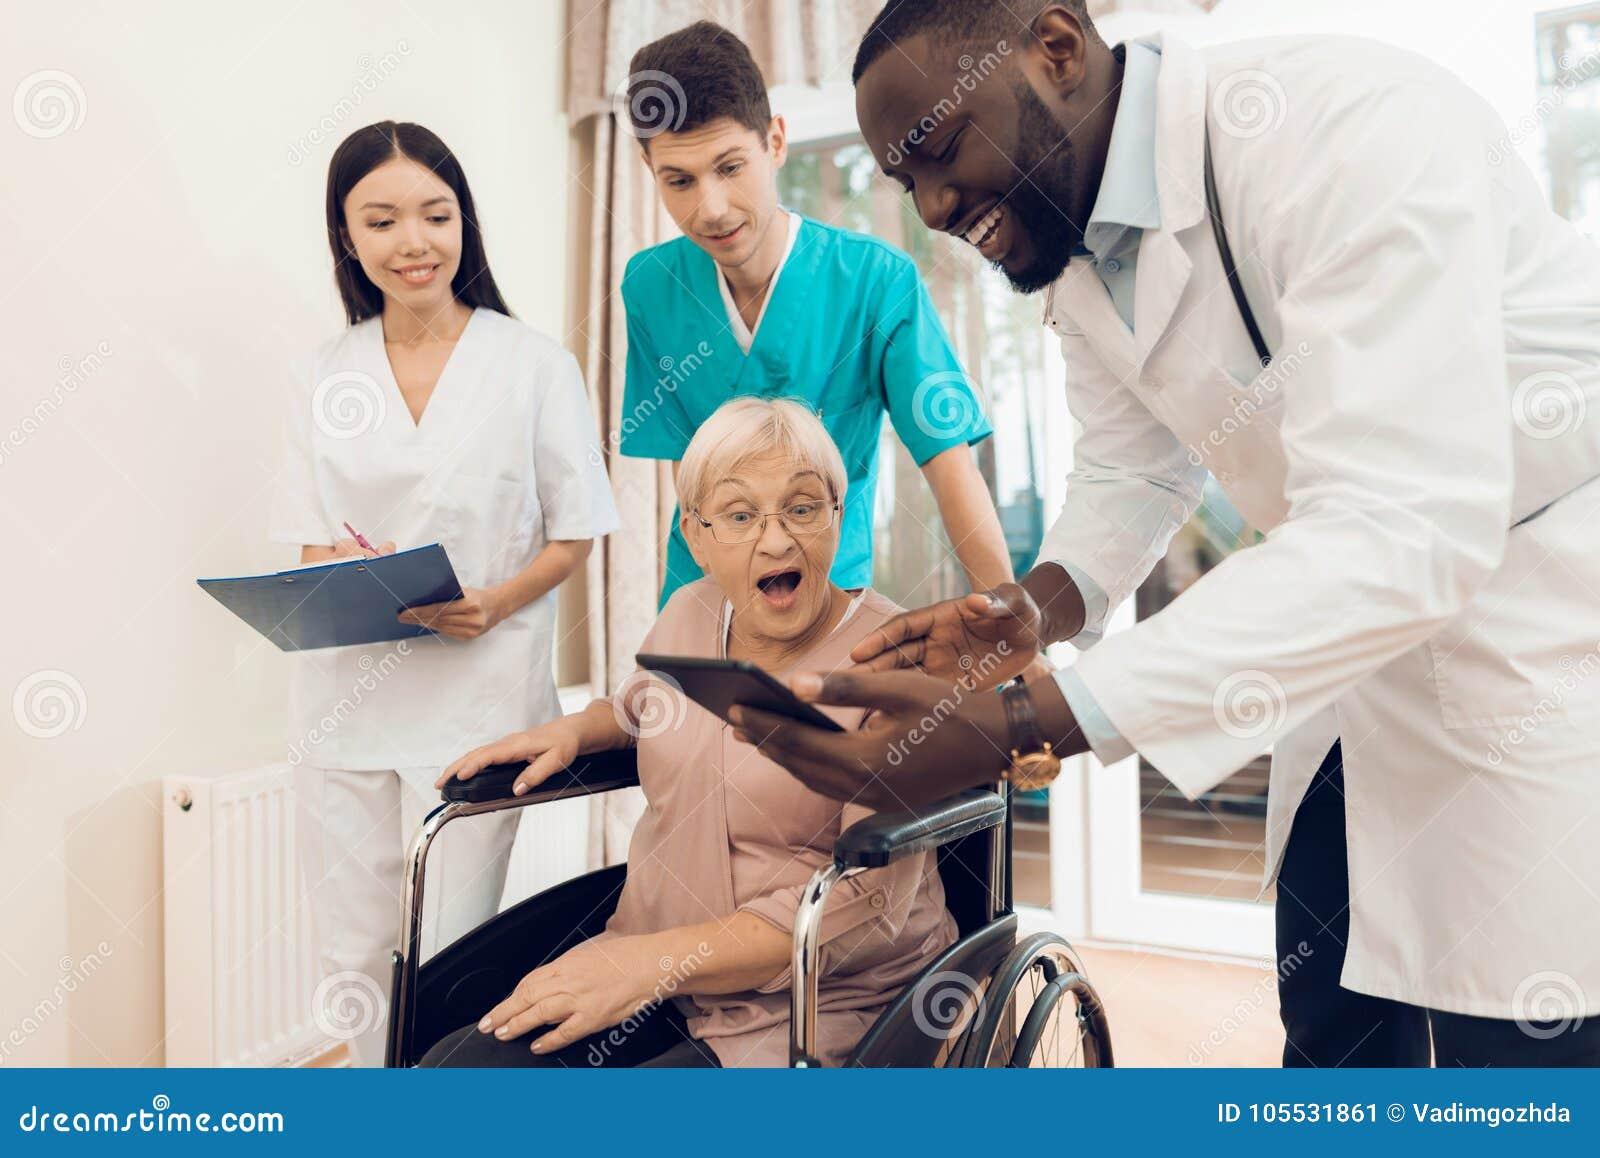 O doutor mostra algo na tabuleta a um paciente idoso em um lar de idosos